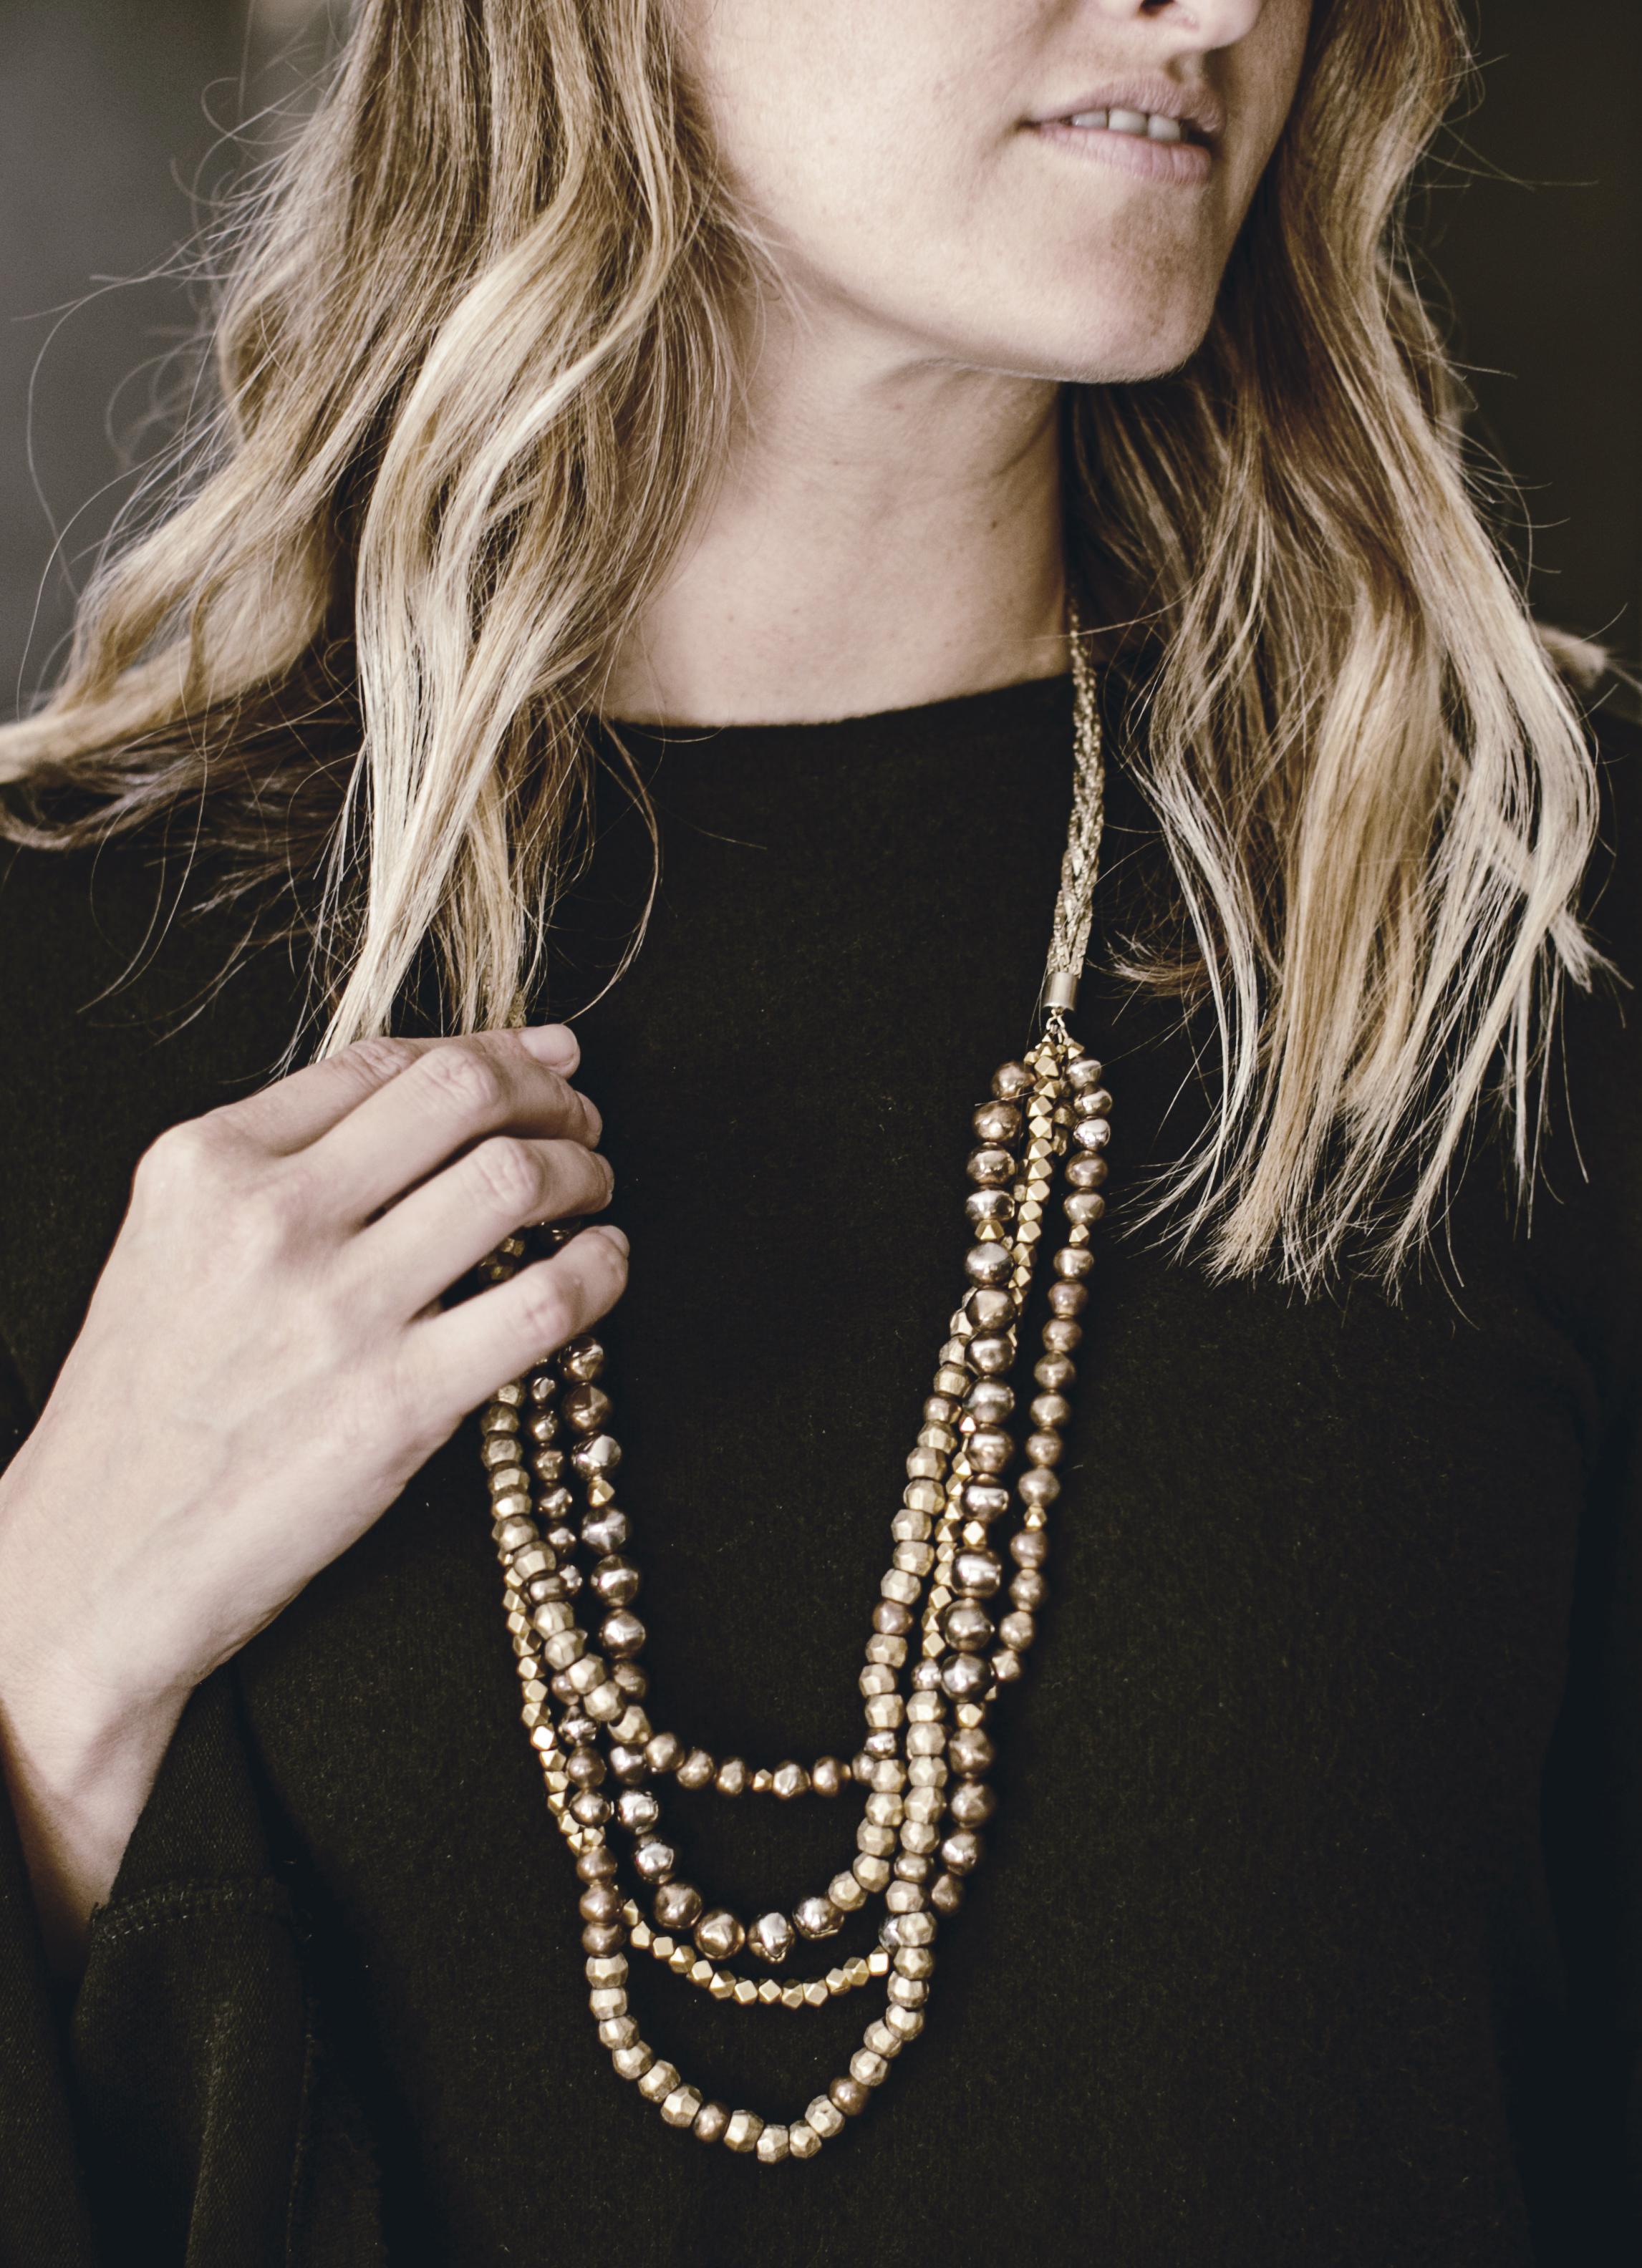 heirloom jewelry by elva fields / heirloomed